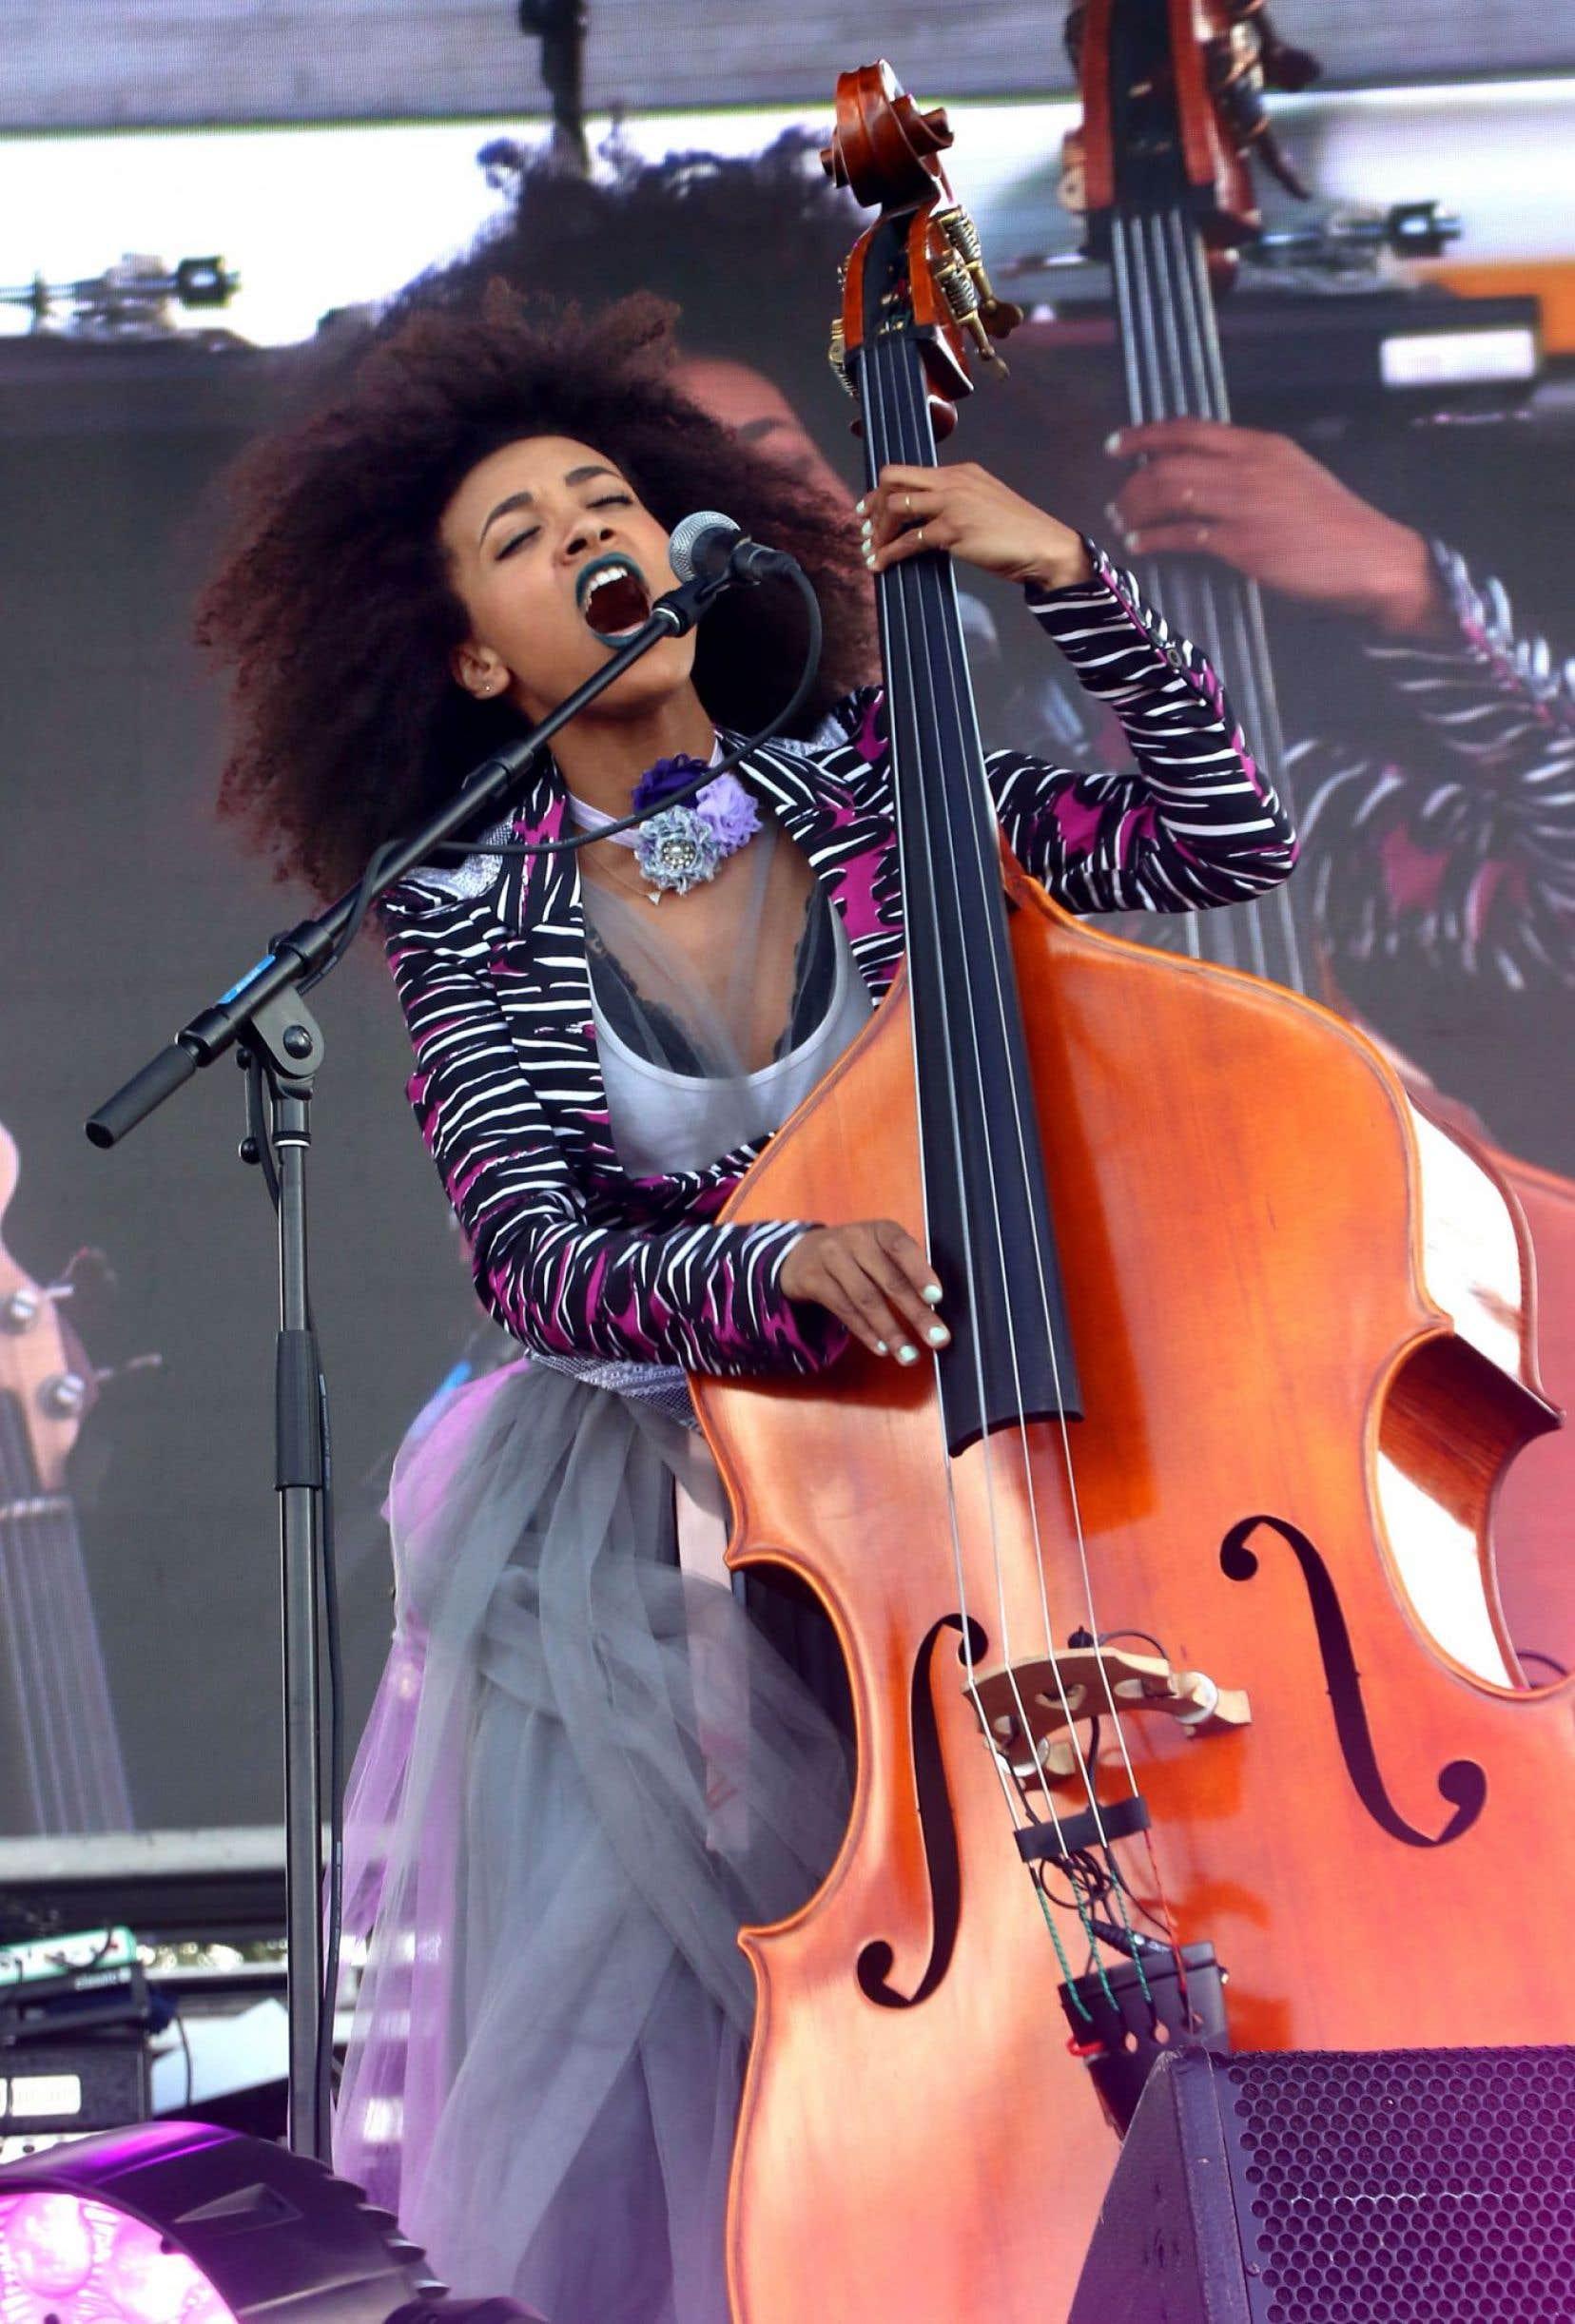 La musicienne et chanteuse Esperanza Spalding